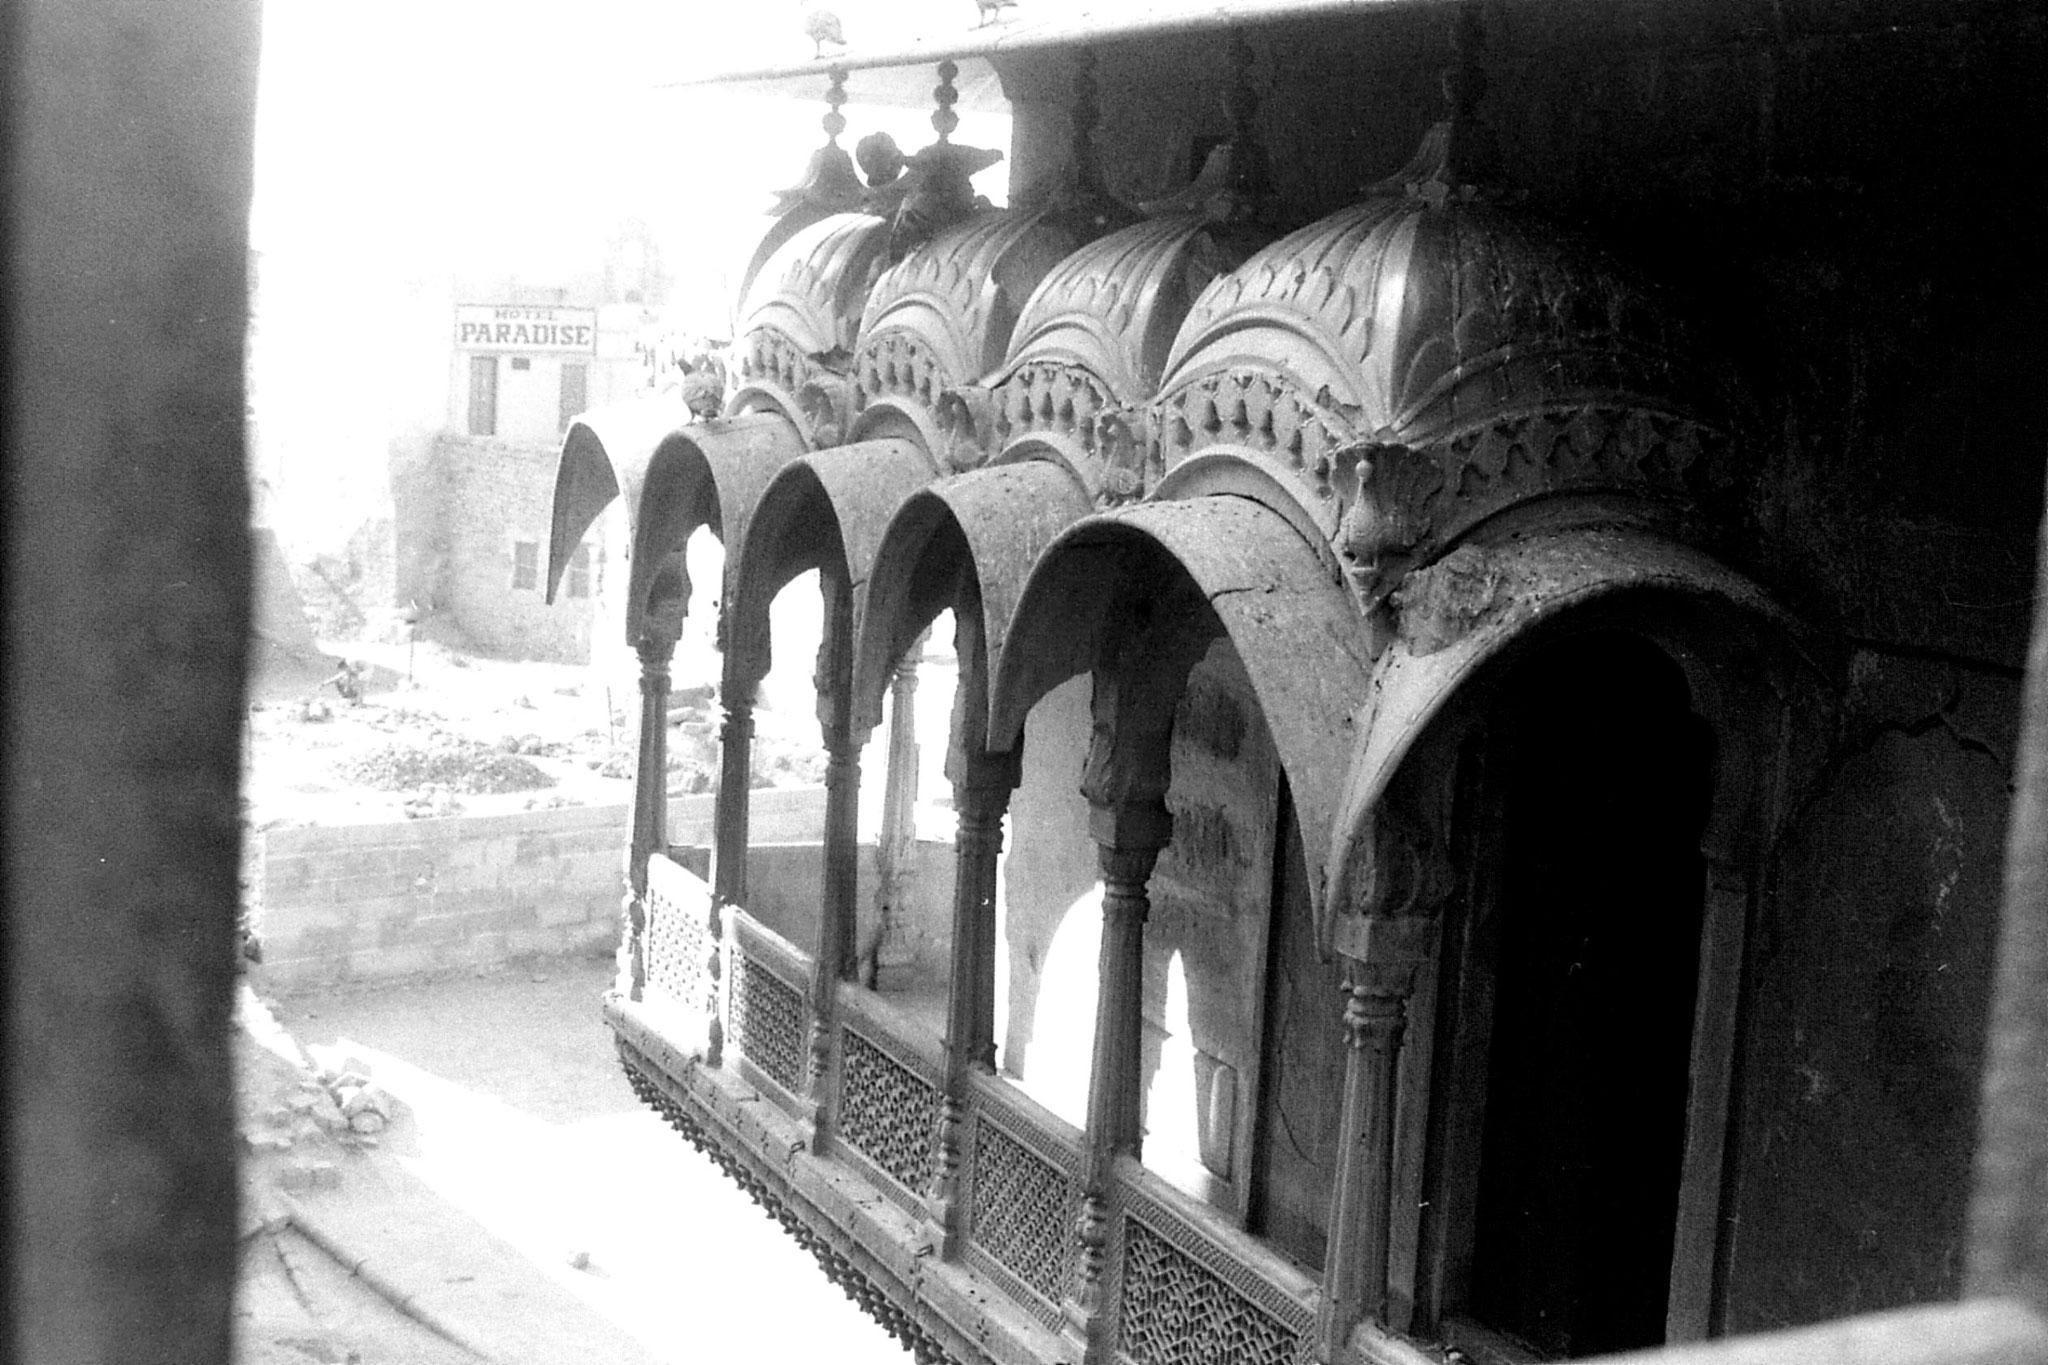 3/12/1989: 21: Jaisalmer balcony